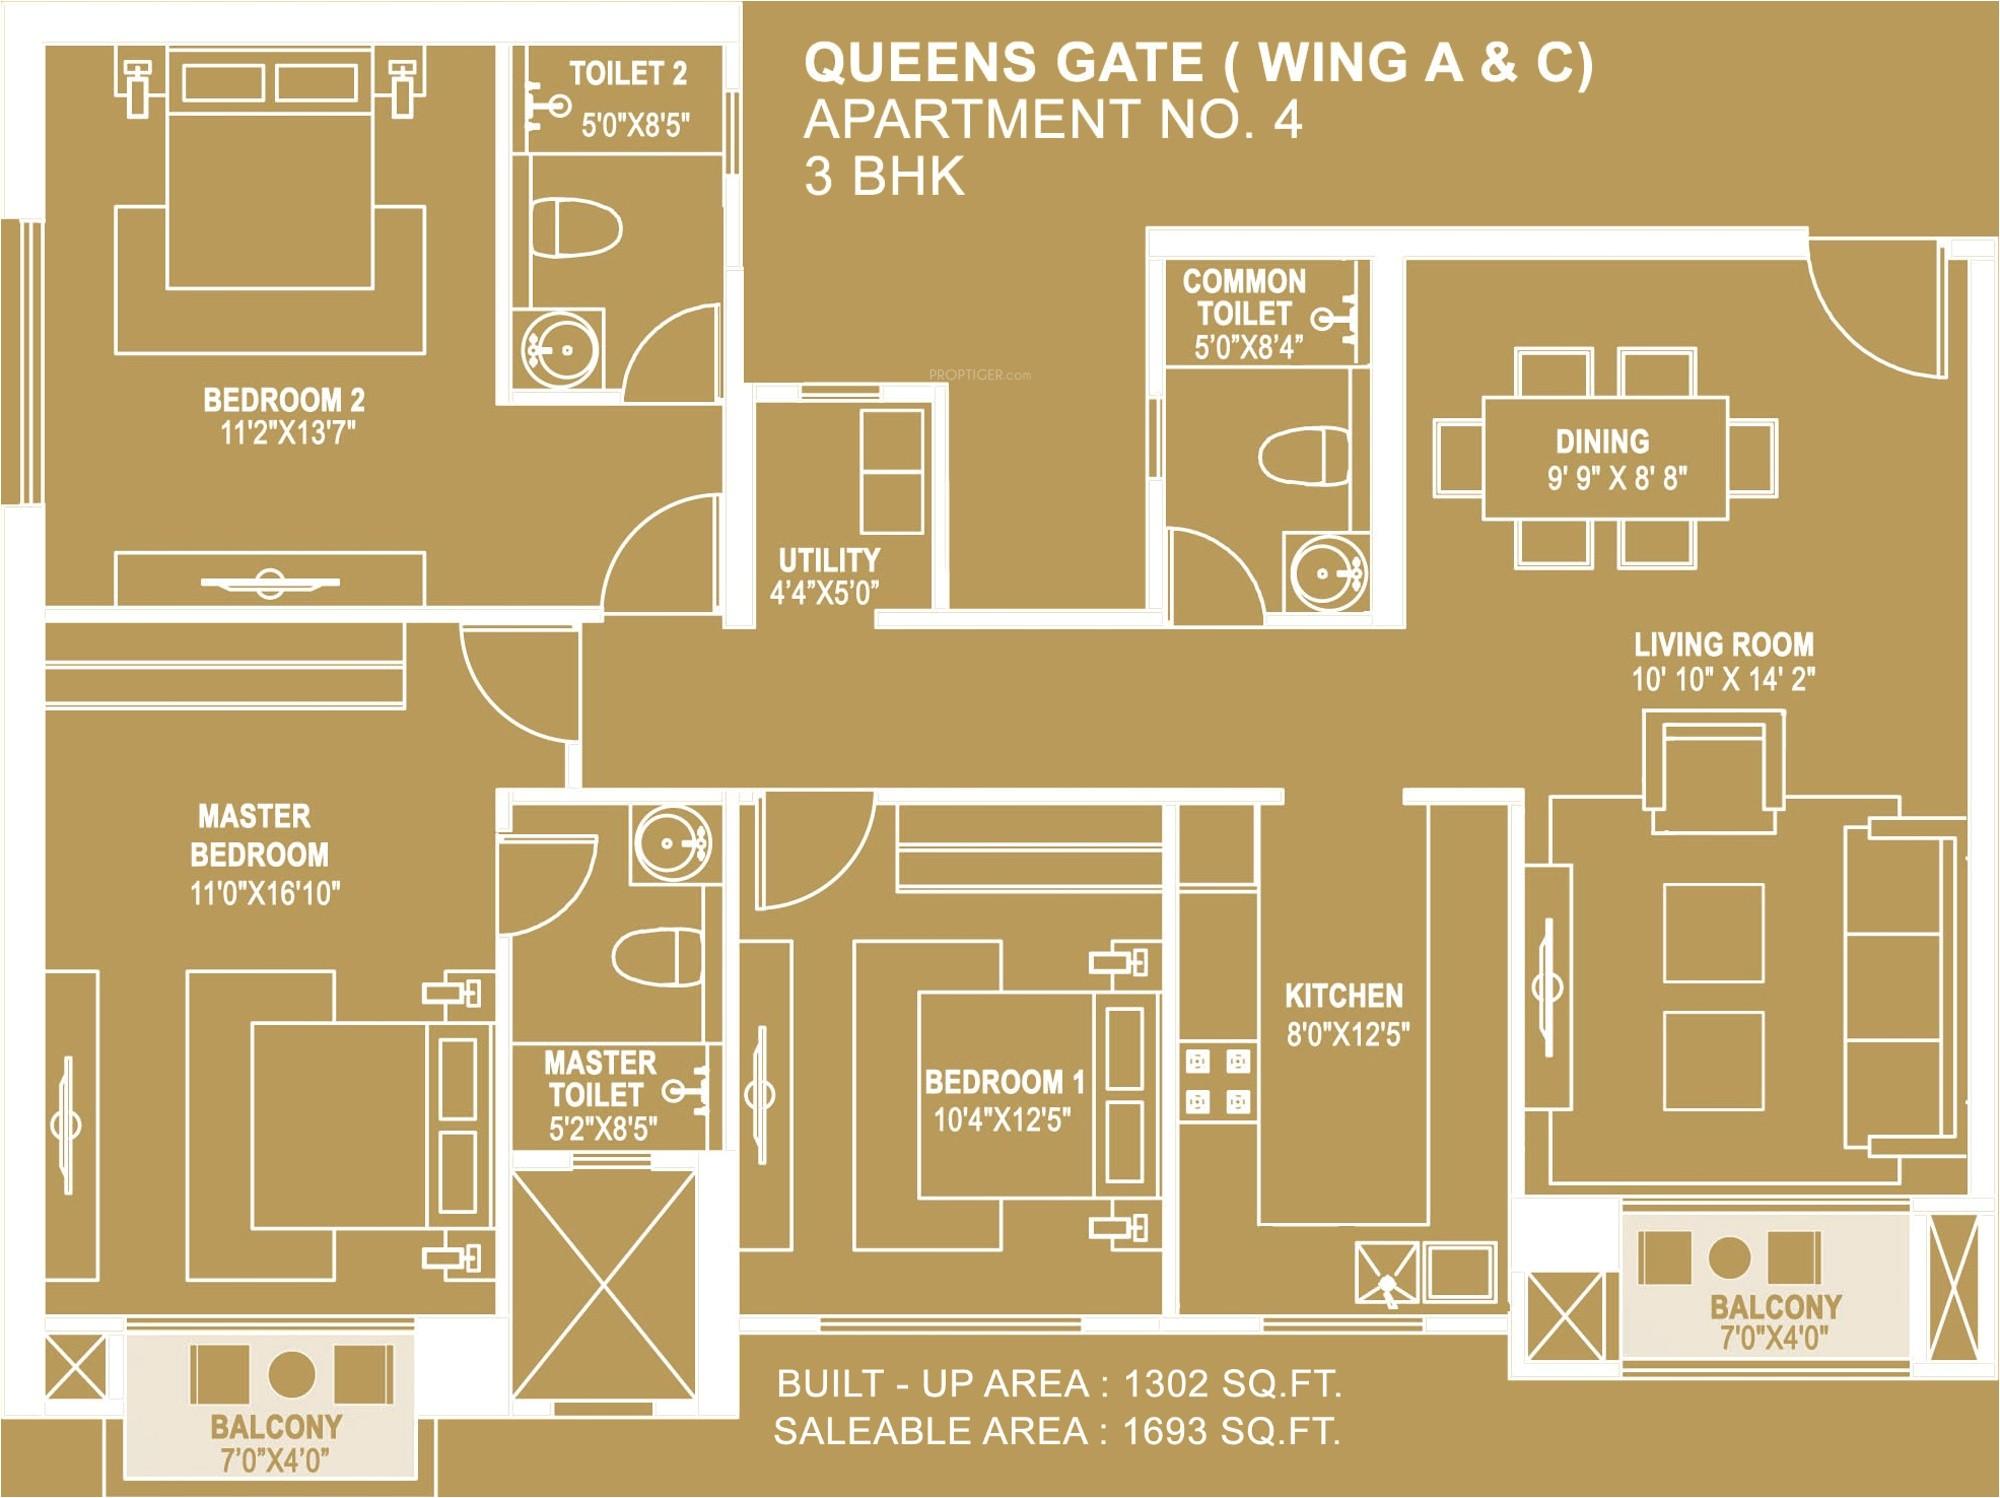 house of hiranandani queensgate 646226